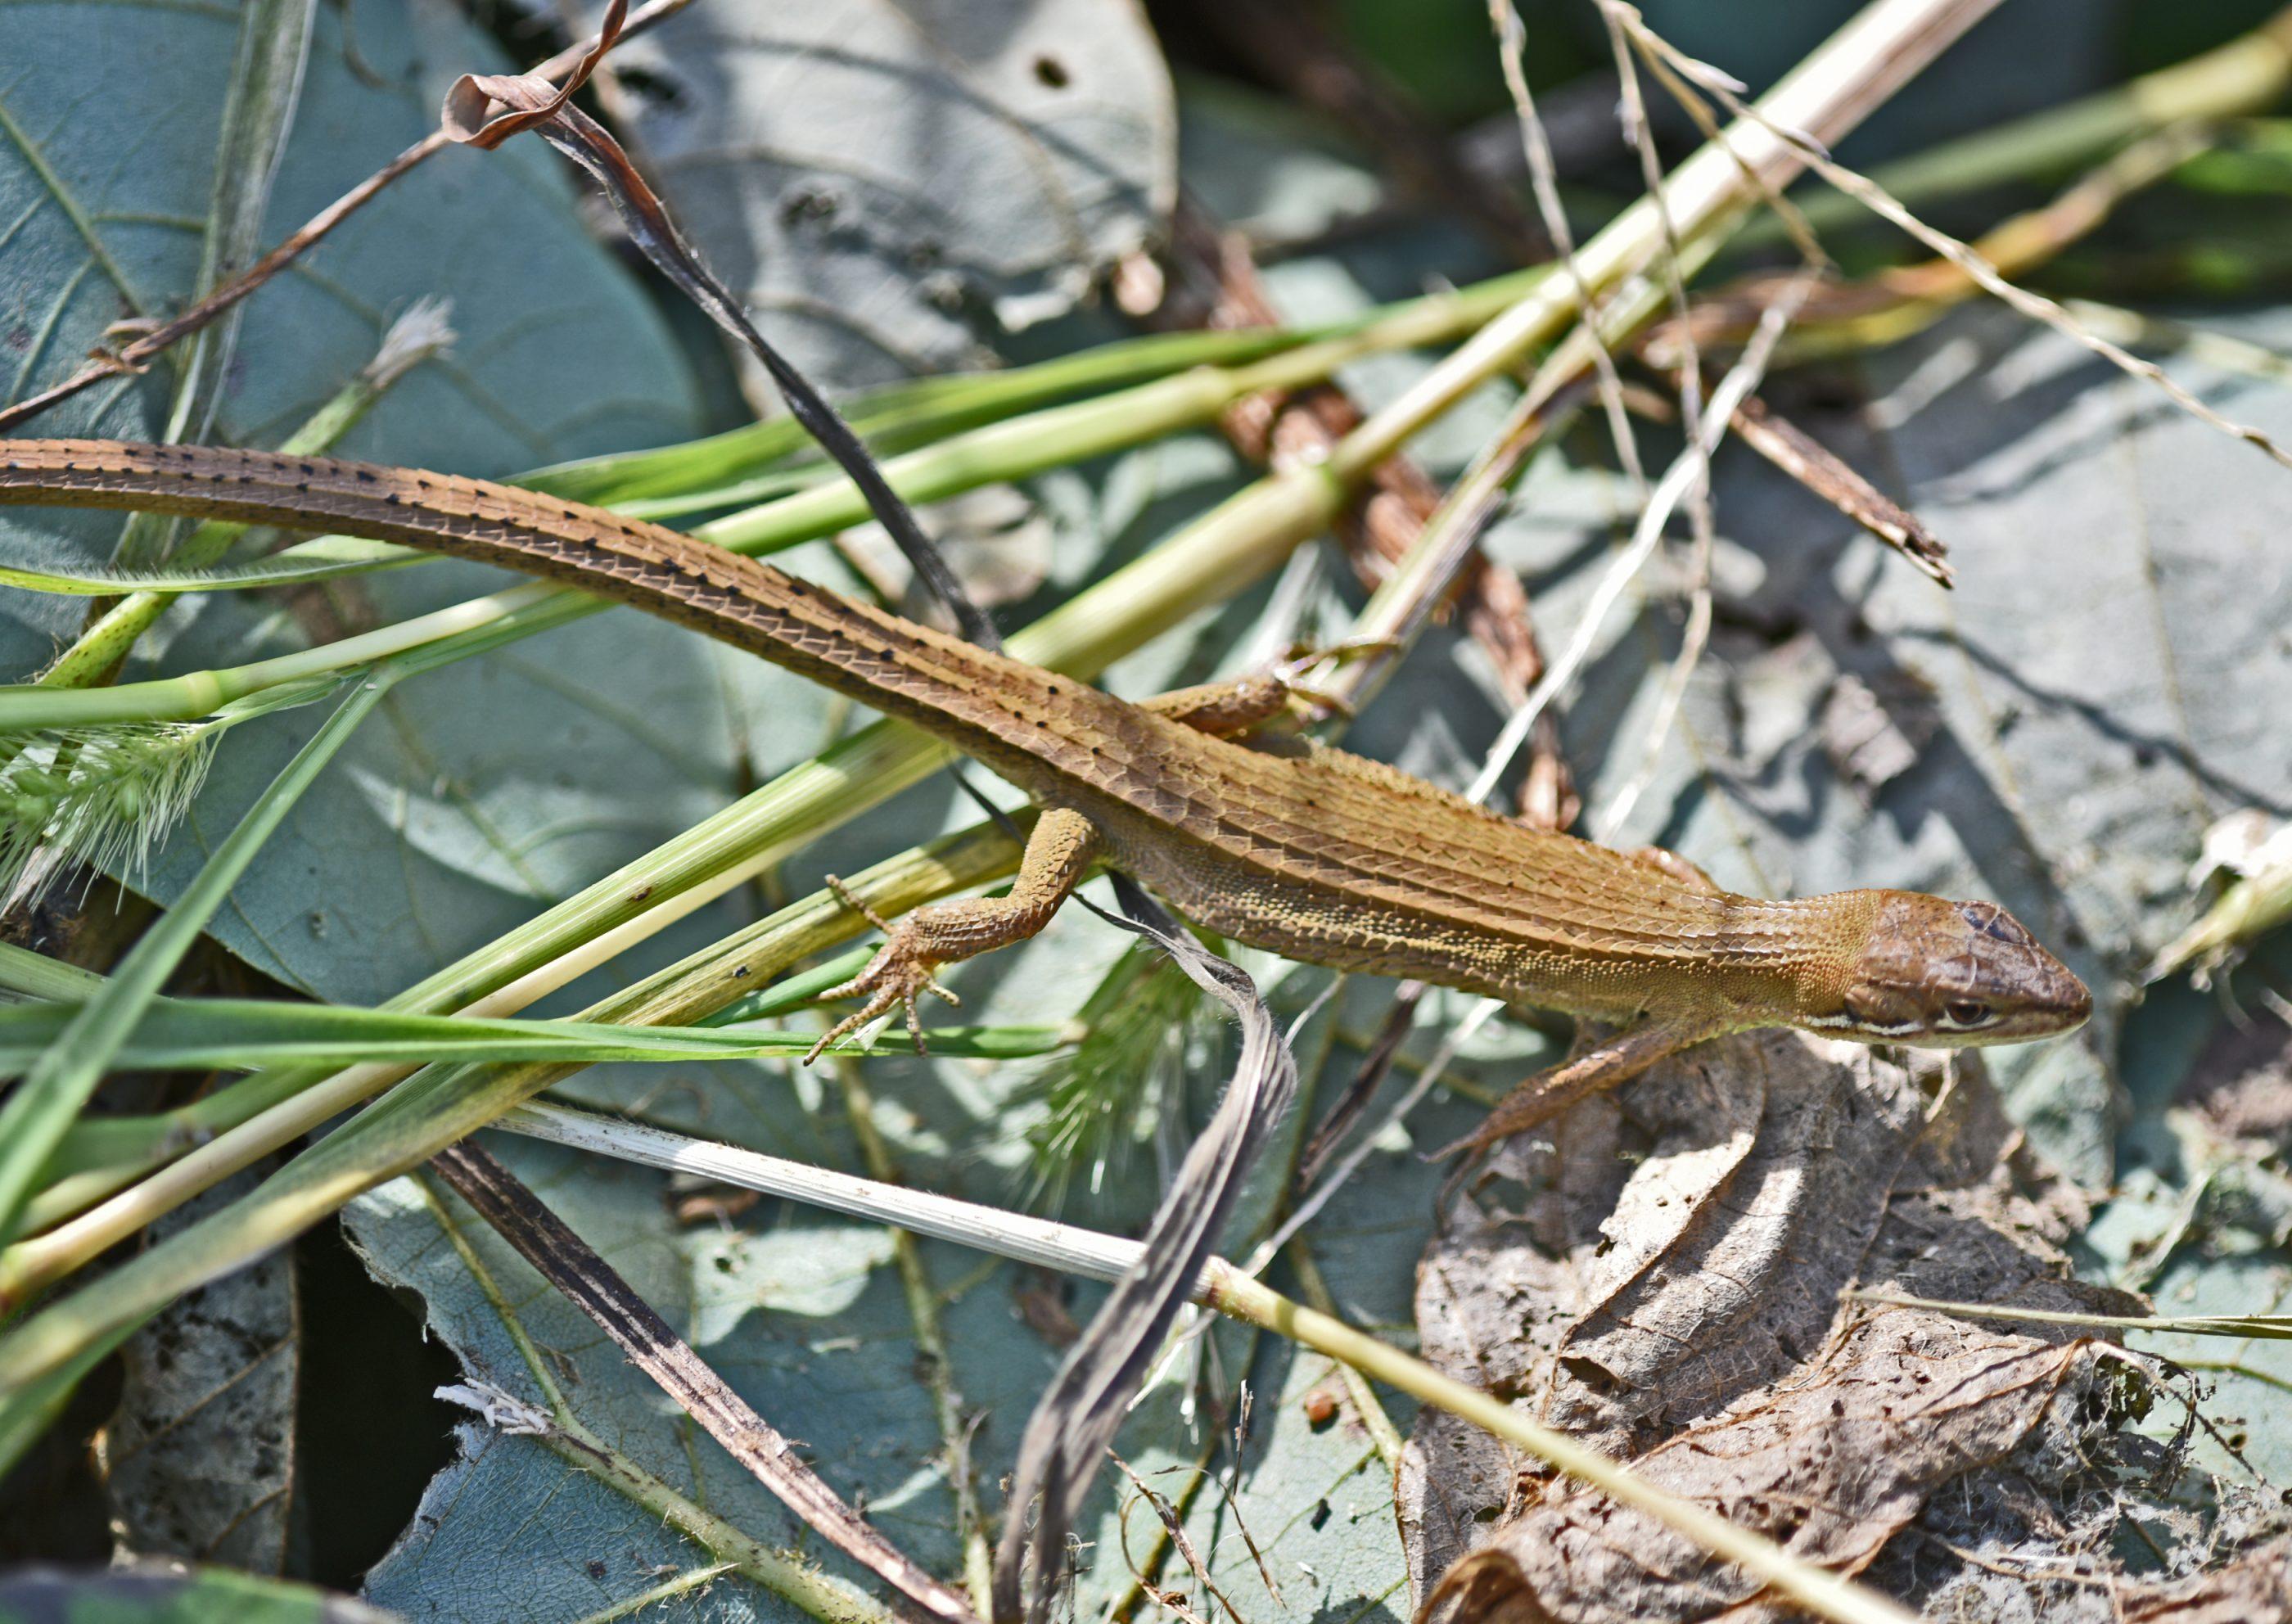 ⇑ これがカナヘビです。トカゲのように光沢が無いのが特徴です。